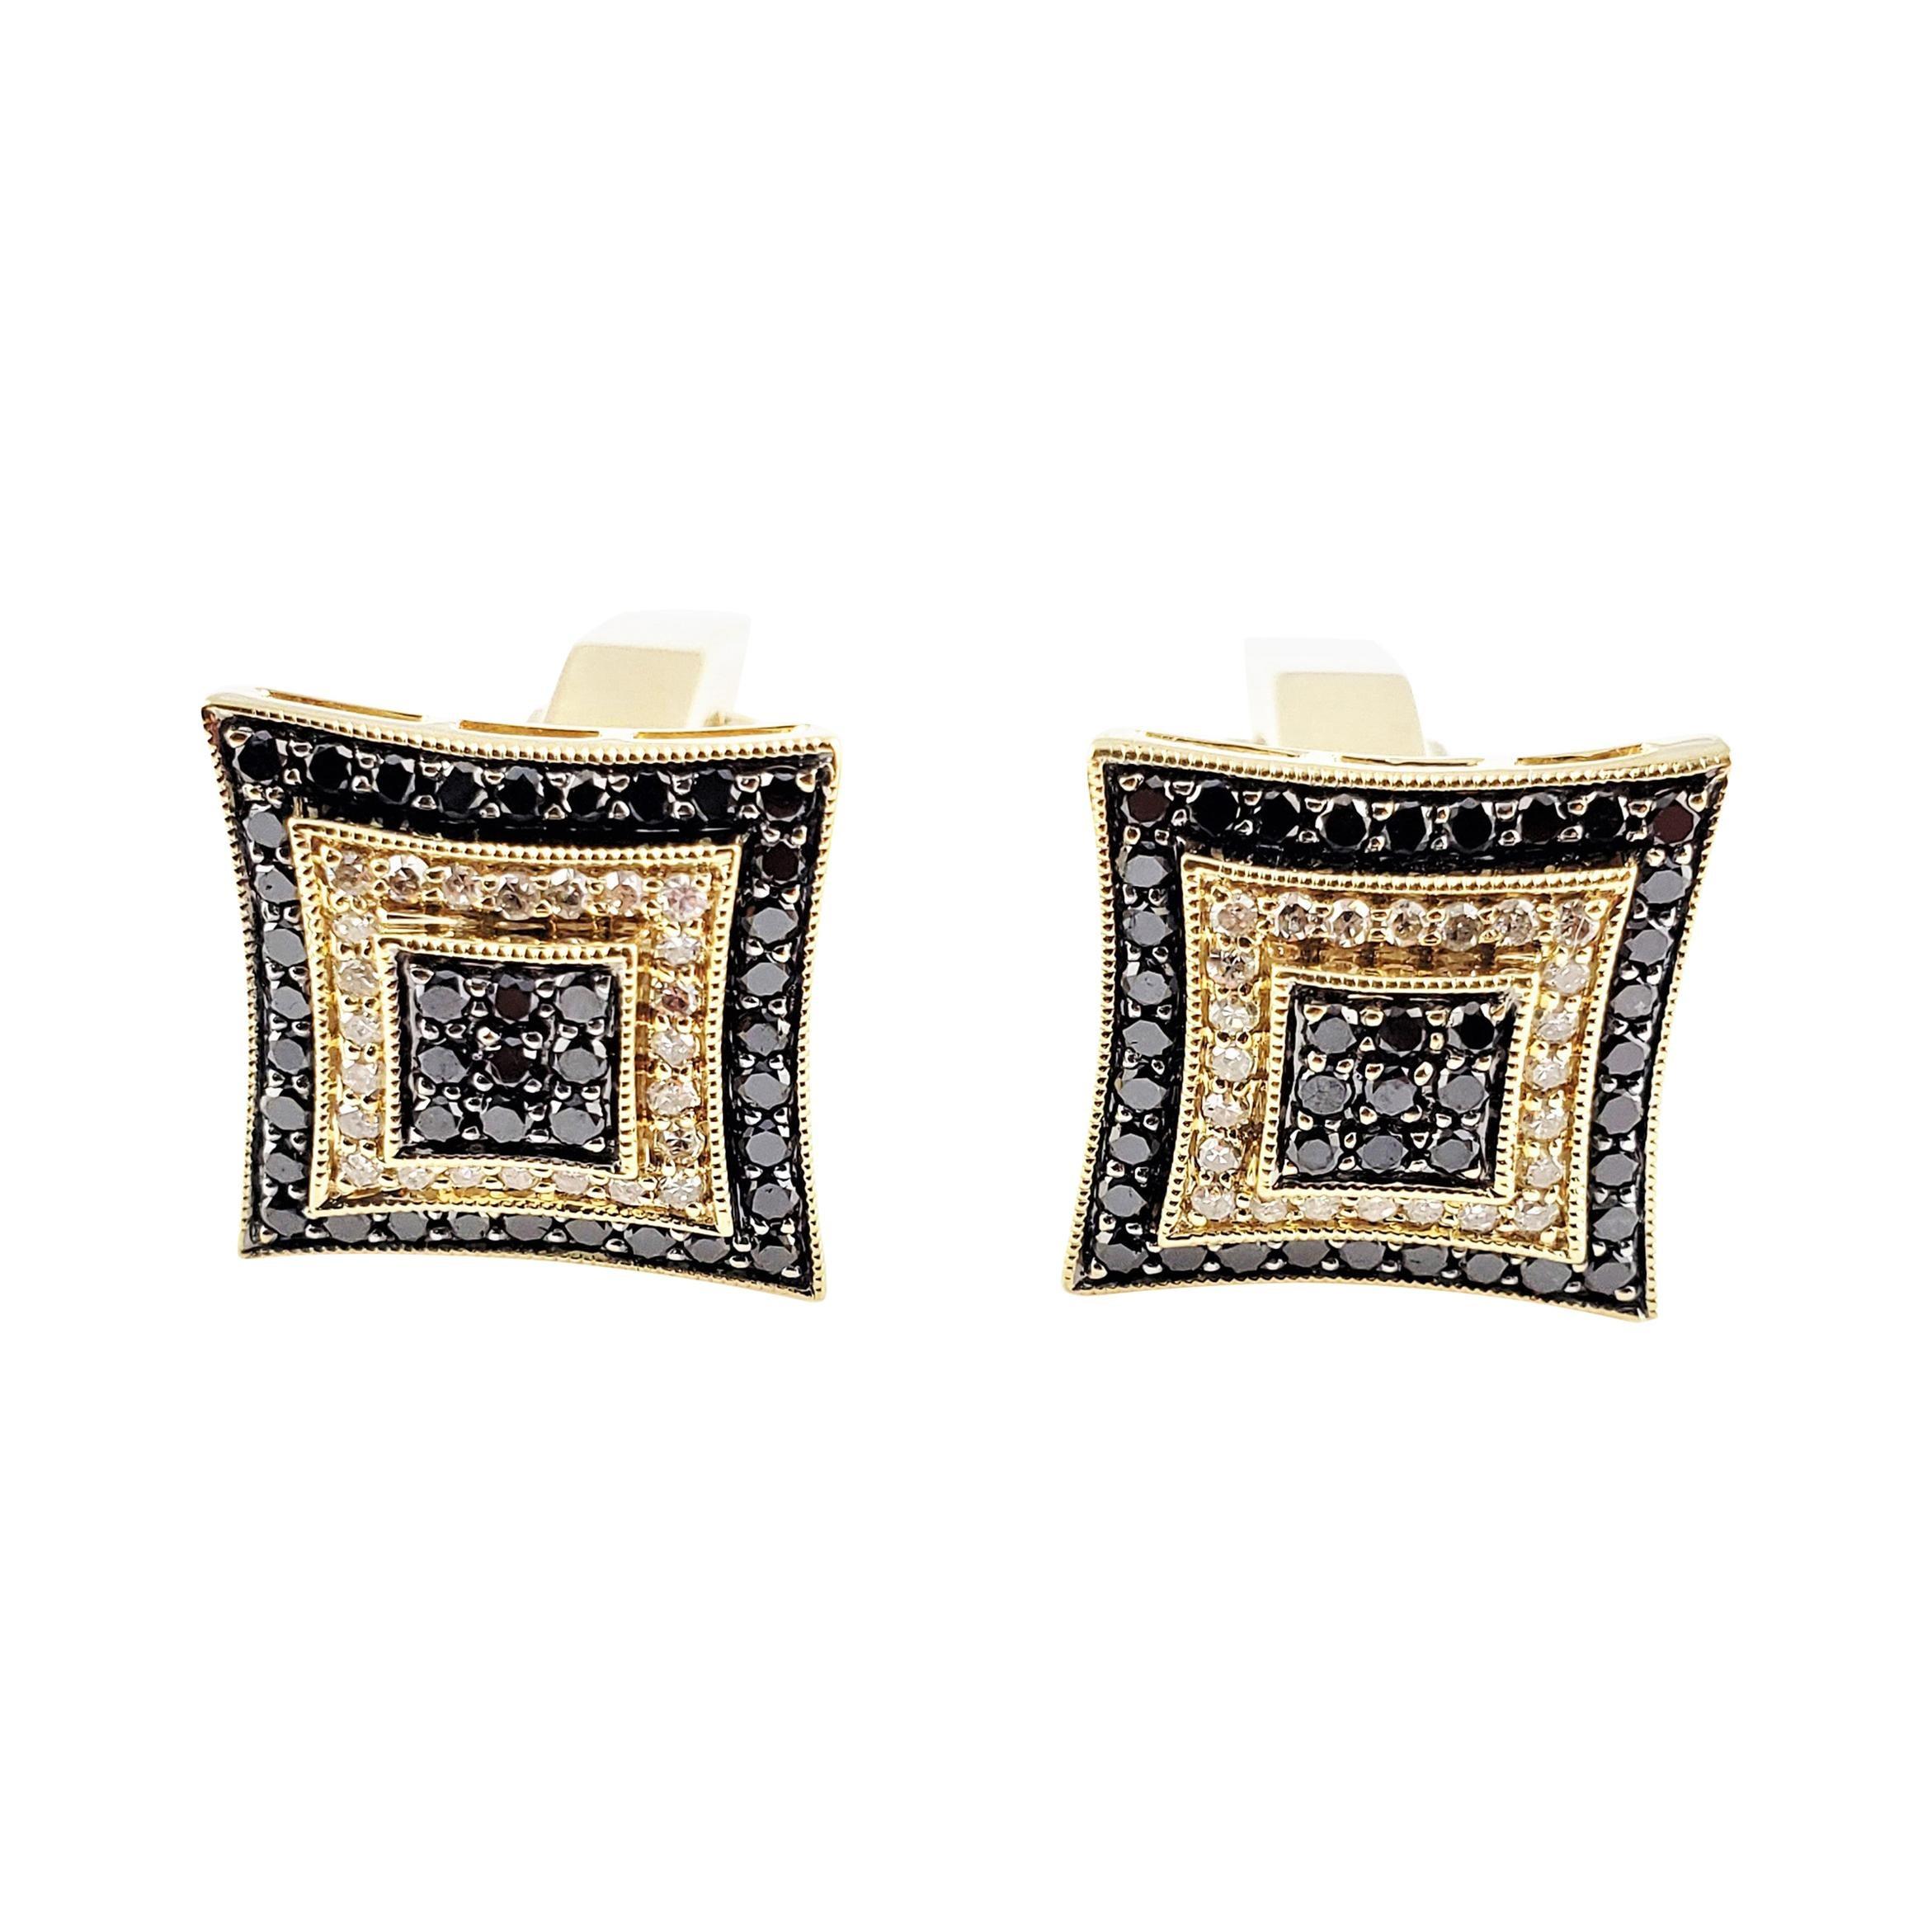 14 Karat Yellow Gold and White Gold Black and White Diamond Cufflinks